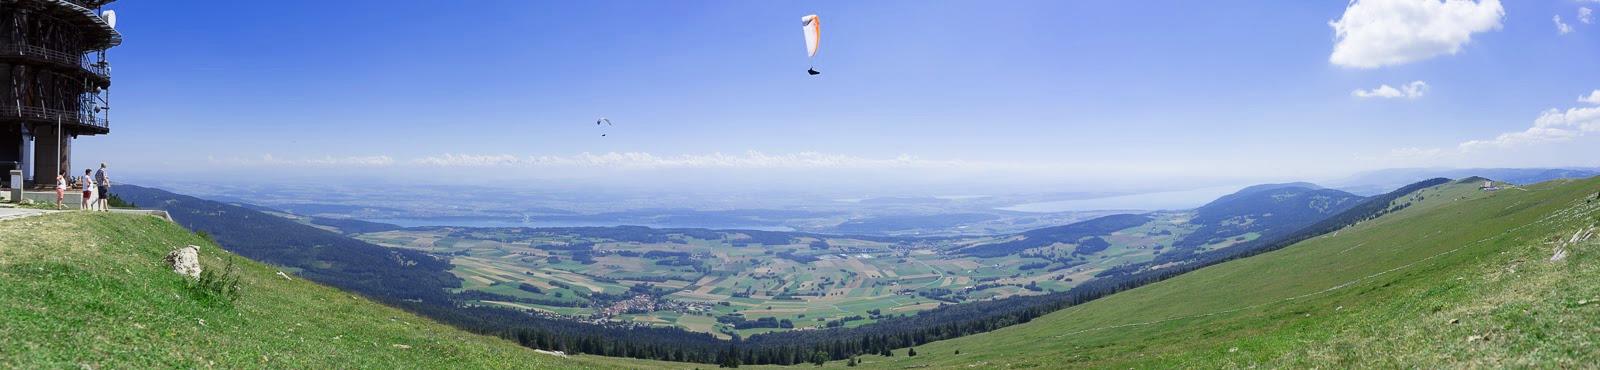 Panoramabild mit Gleitschirmfliegern, Blick auf Seen in Ebene - Wandern in der Schweiz / Kurztrip Schweiz